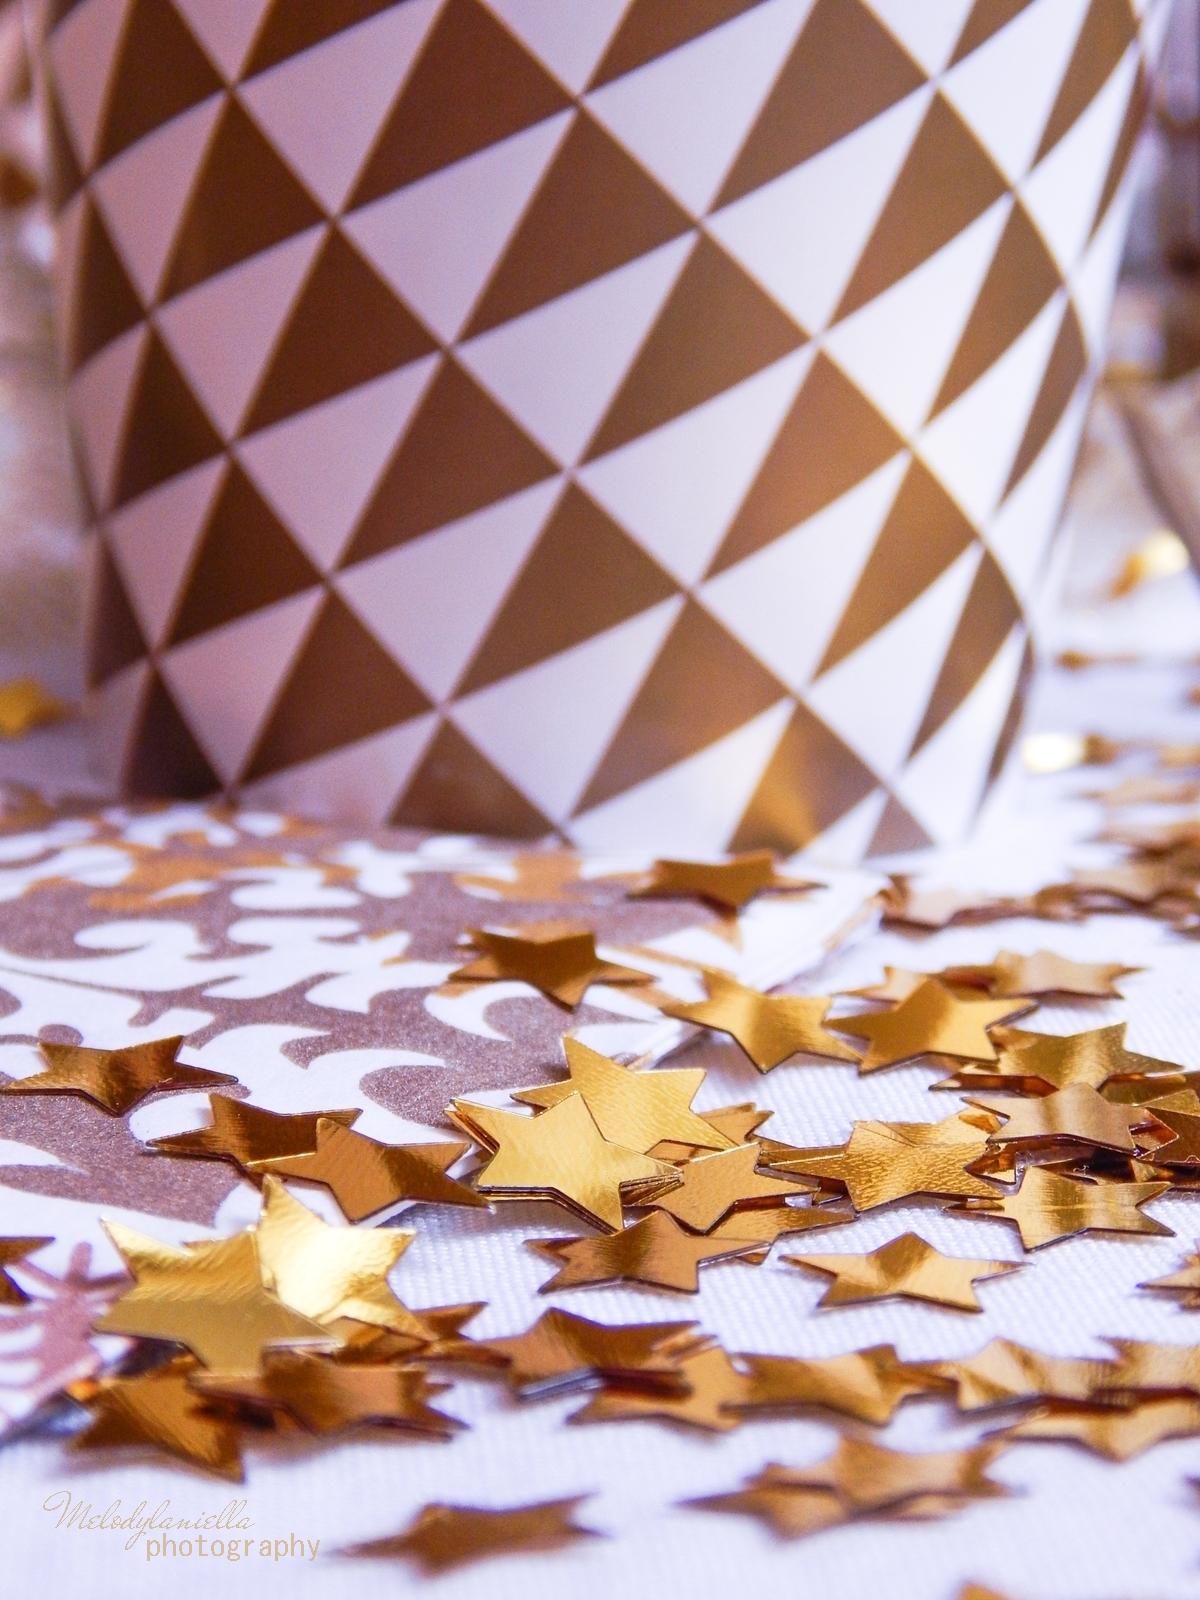 3 jak udekorować stół na imprezę dekoracja stołu karnawałowego świątecznego weselnego urodzinowego dekoracje dodatki partybox.pl partybox sklep z dodatkami na imprezy ciekawe gadżety